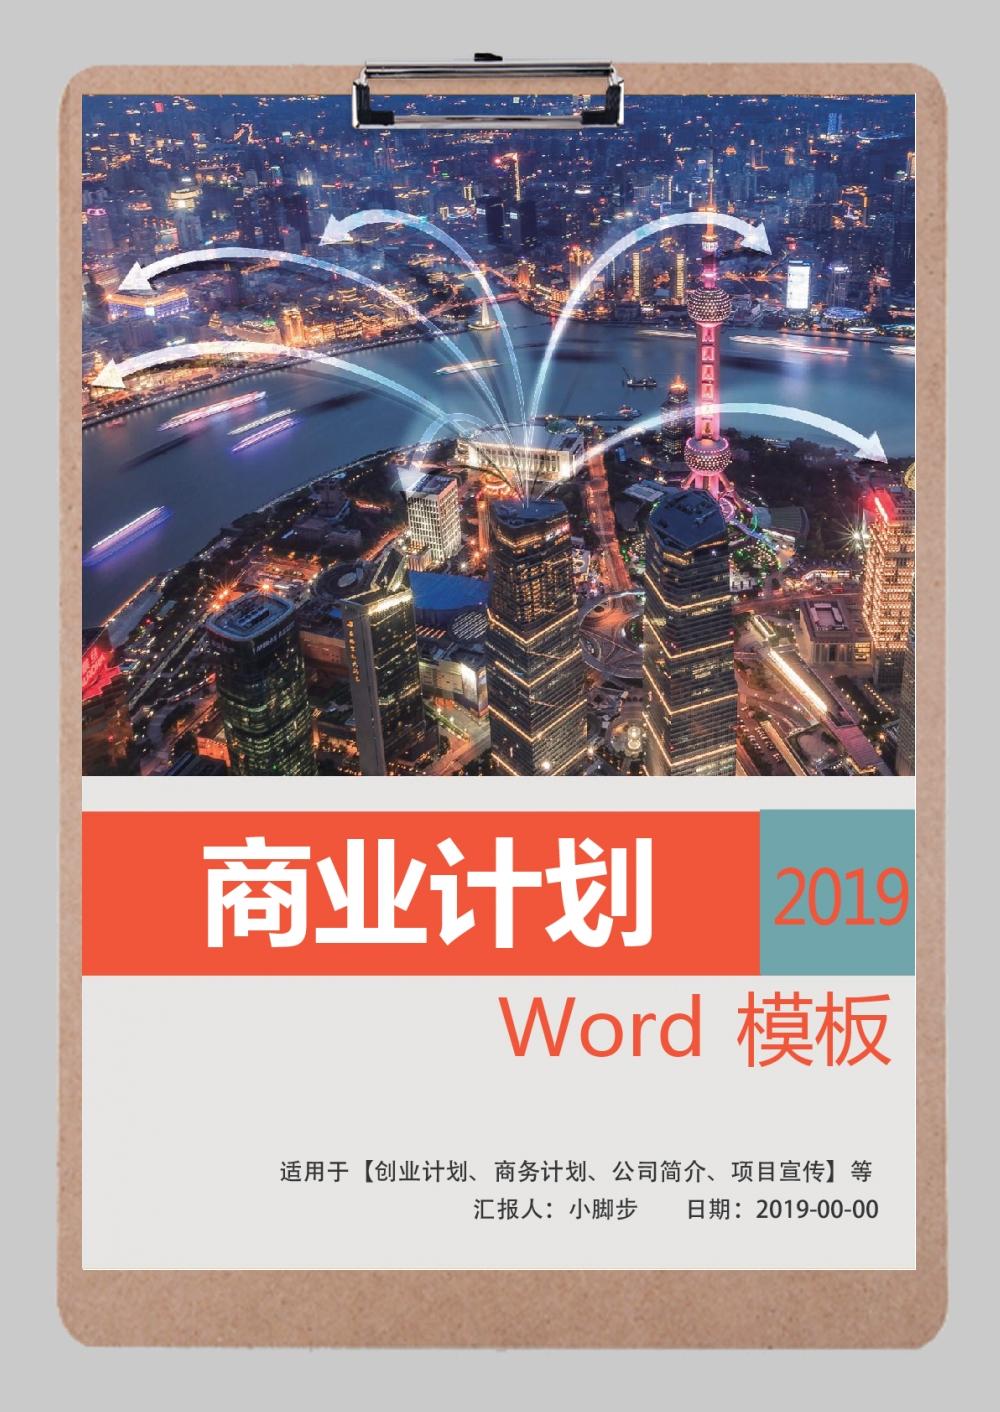 现代科技风格高端商业计划书word模板